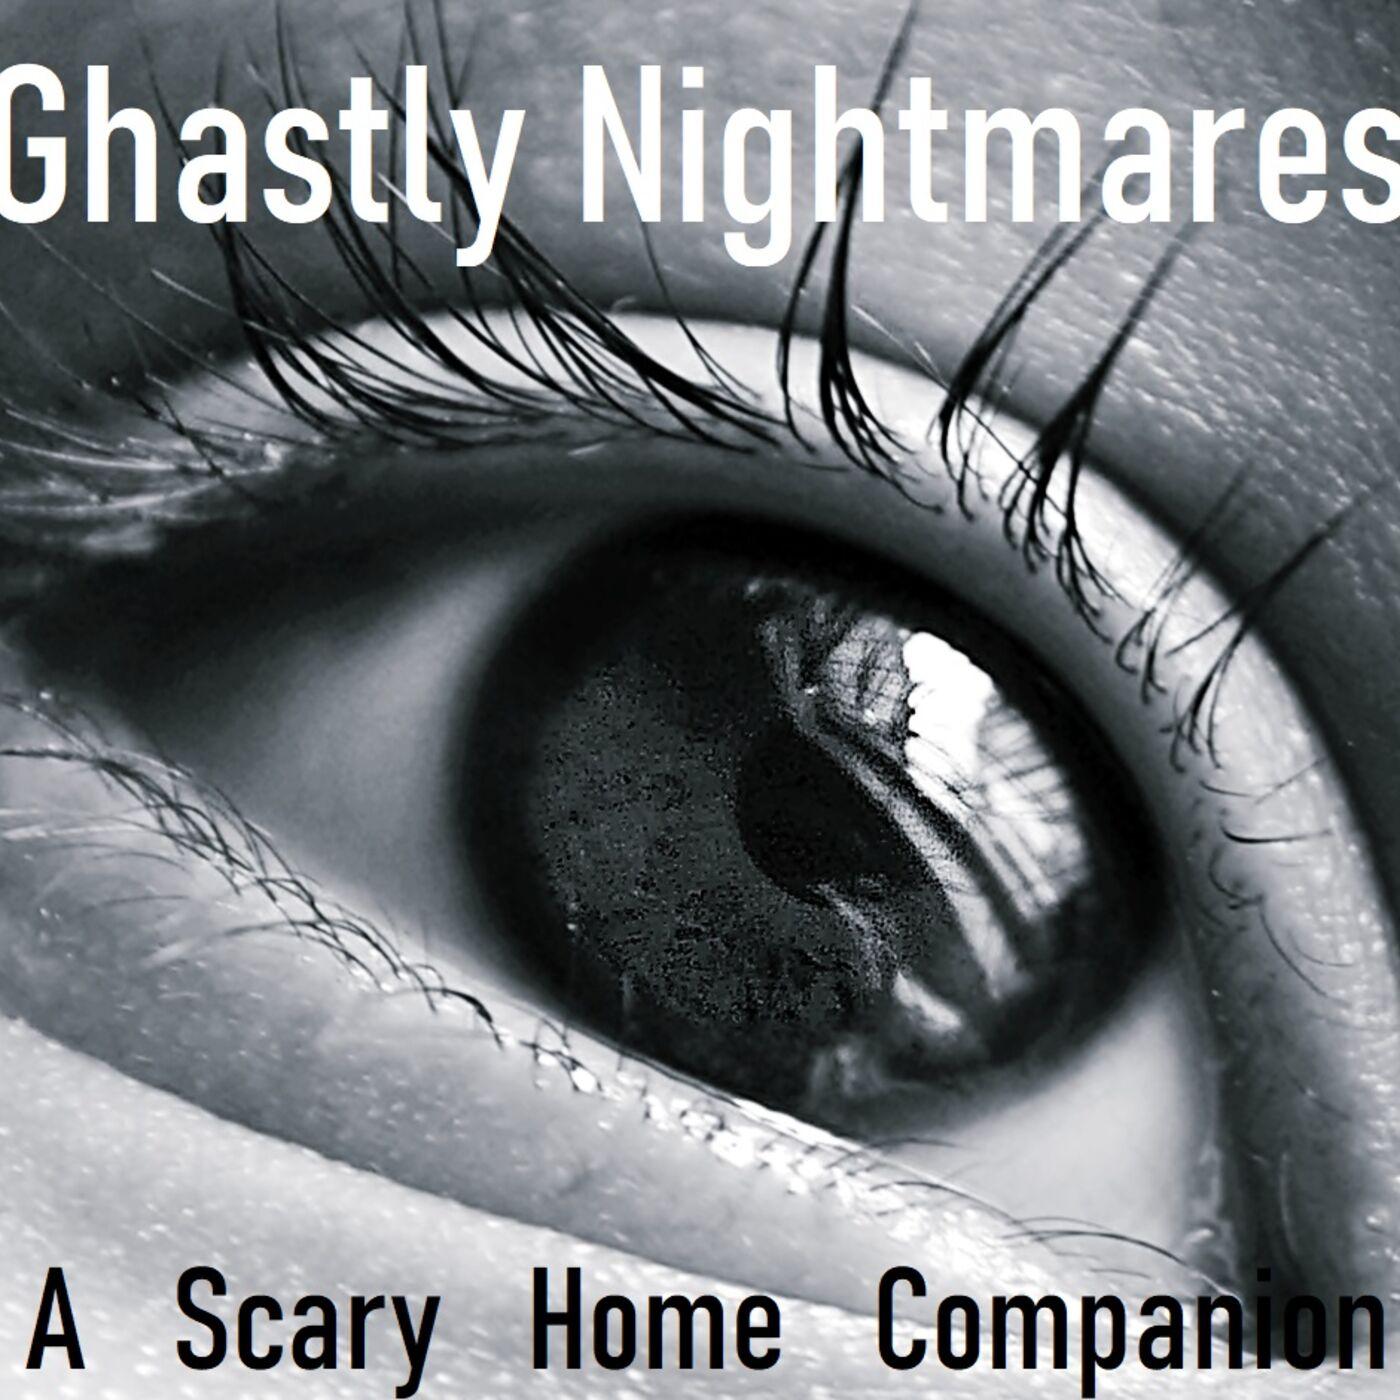 Ghastly Nightmares